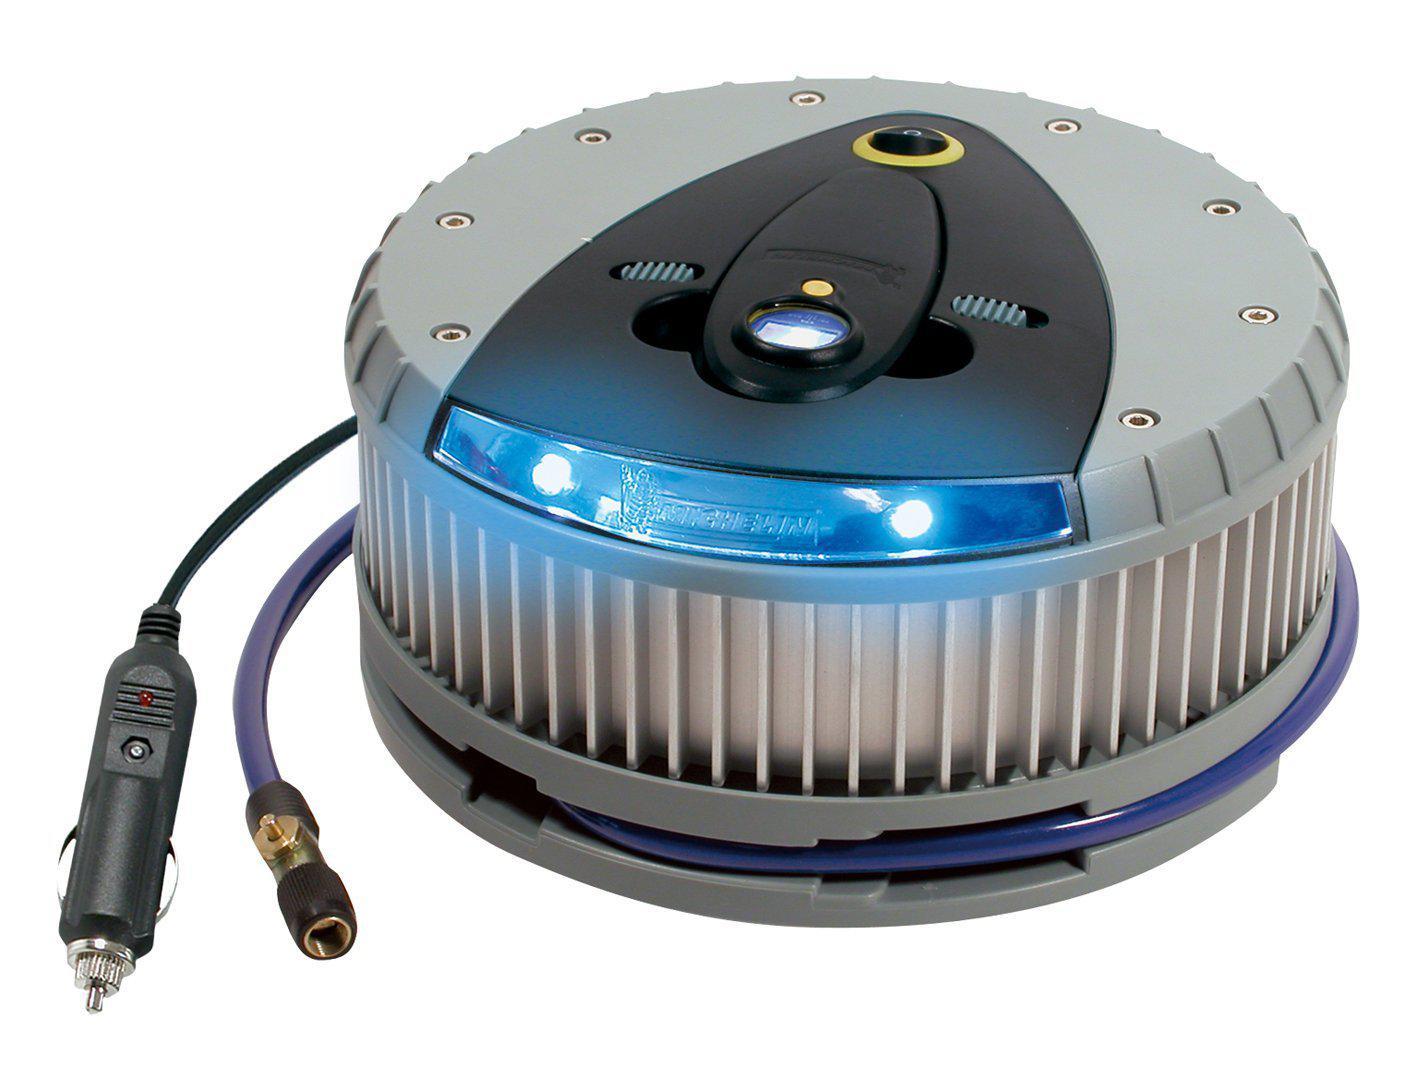 Compresseur Michelin 009521 - 12V à Manomètre Externe